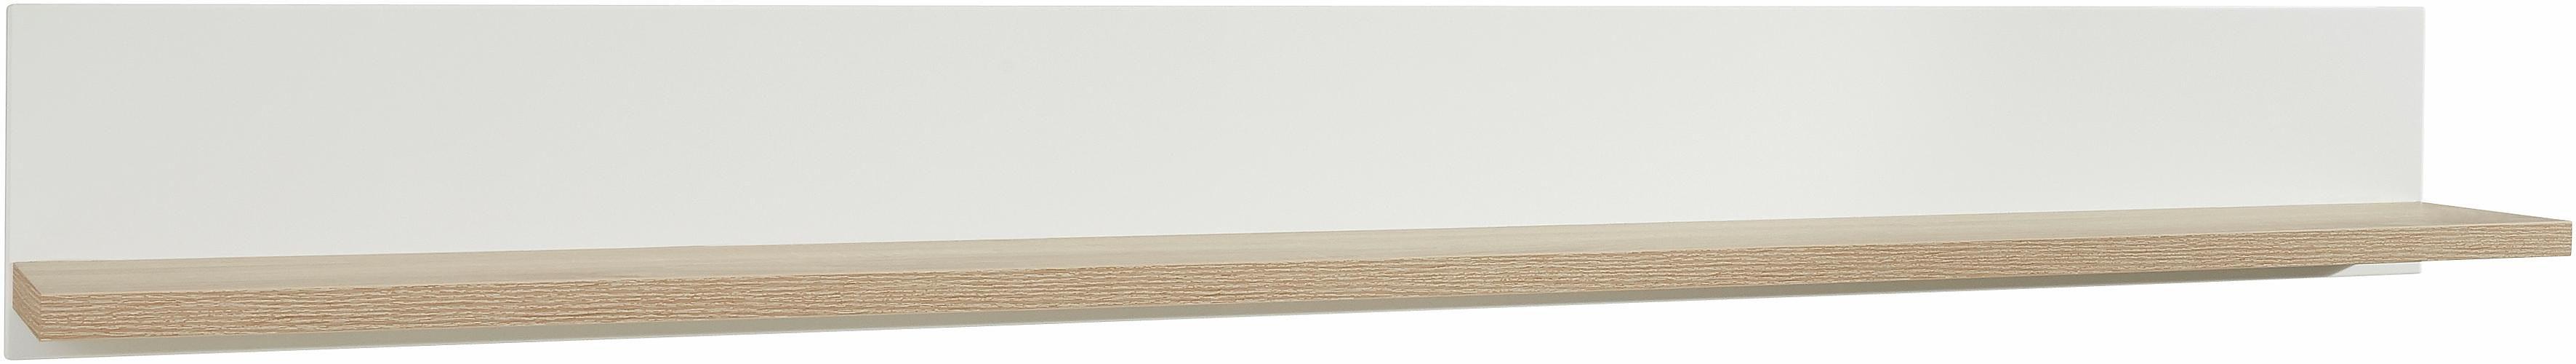 Wandplank Diepte 40 Cm.Wandplank 40 Cm Diep Blinde Wandplank Van 300 Cm Maken En Ophangen